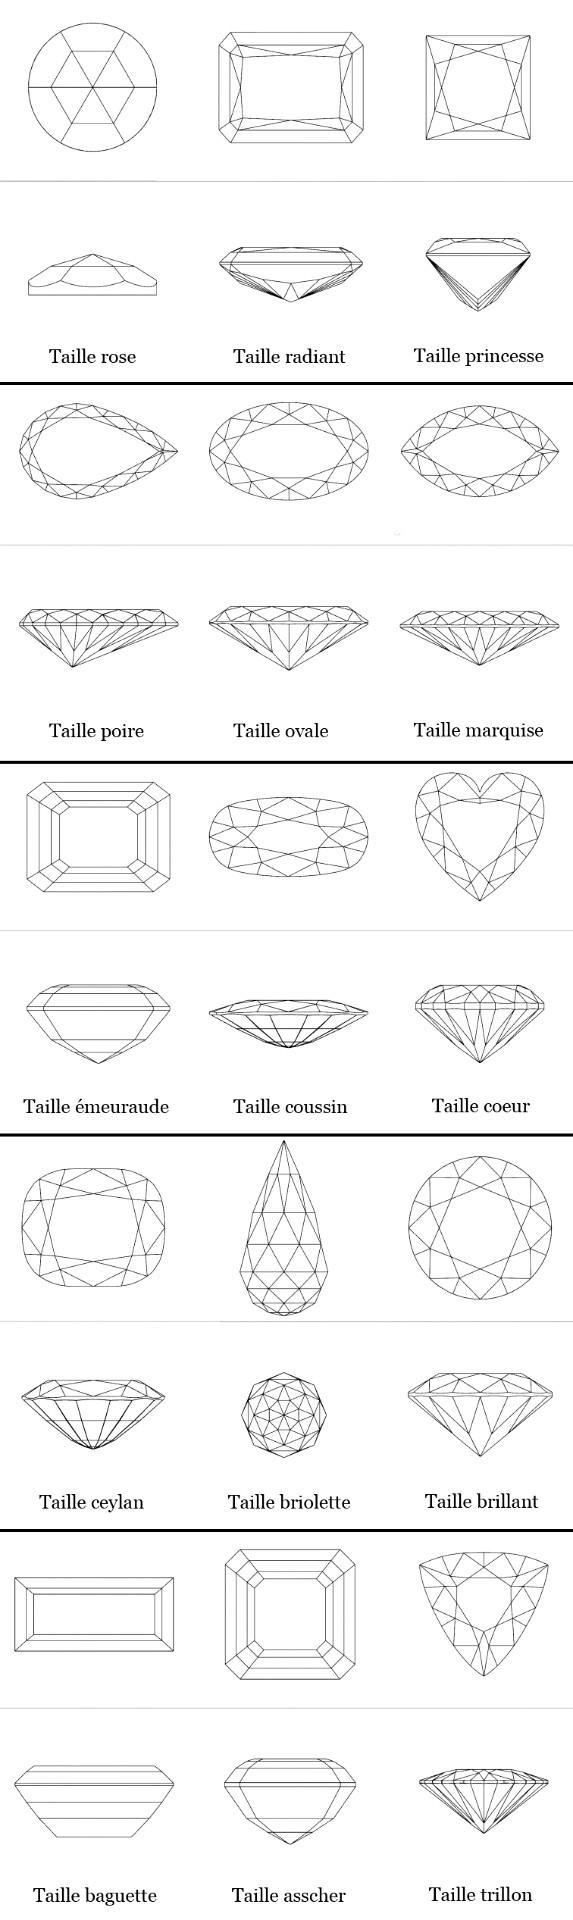 Les différentes tailles des pierres en Joaillerie et Haute Joaillerie